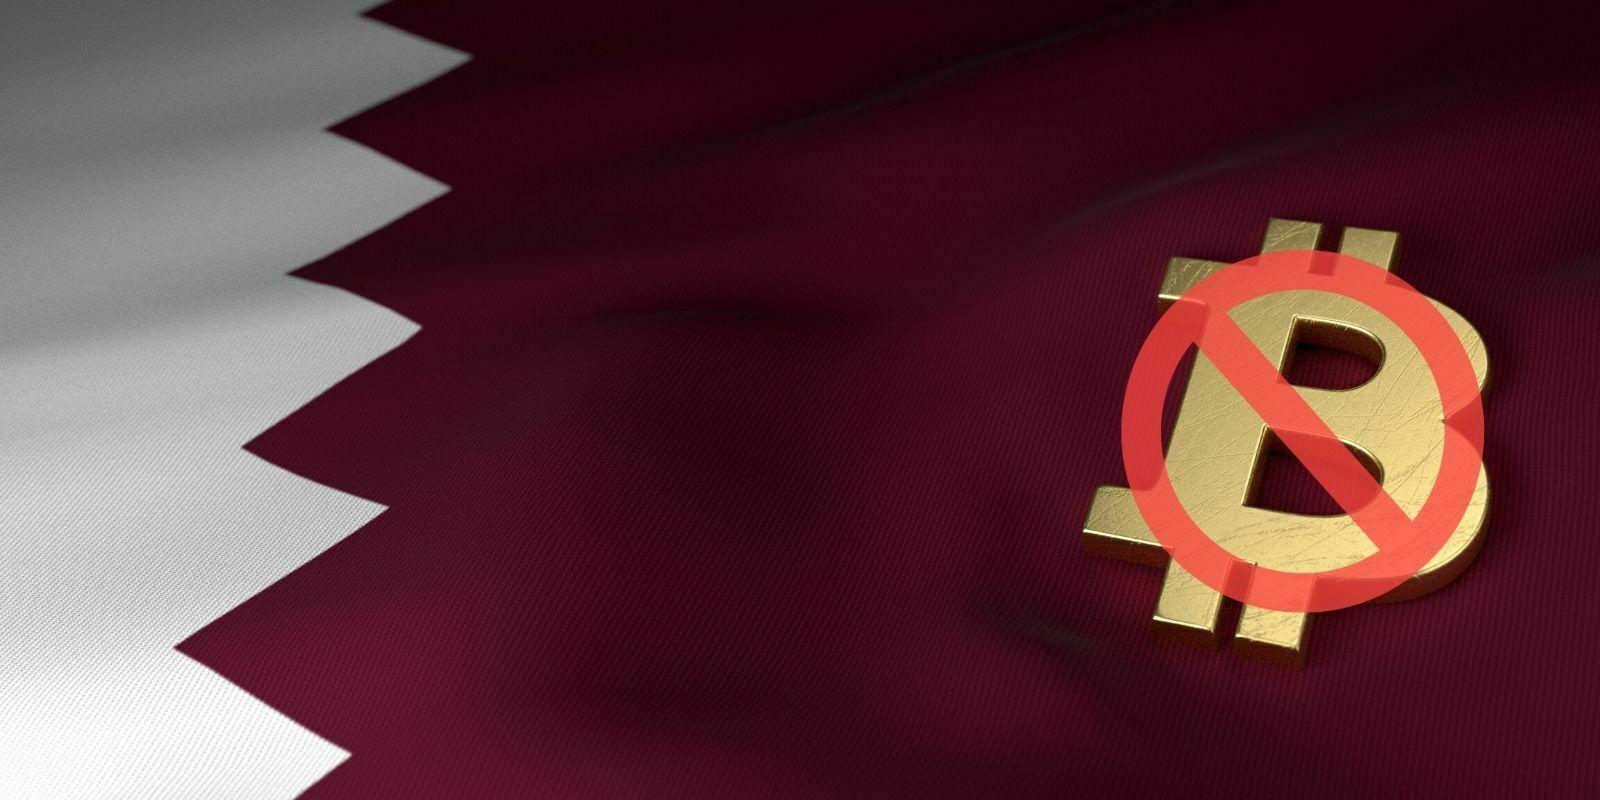 Le Qatar interdit le trading et le stockage des cryptomonnaies